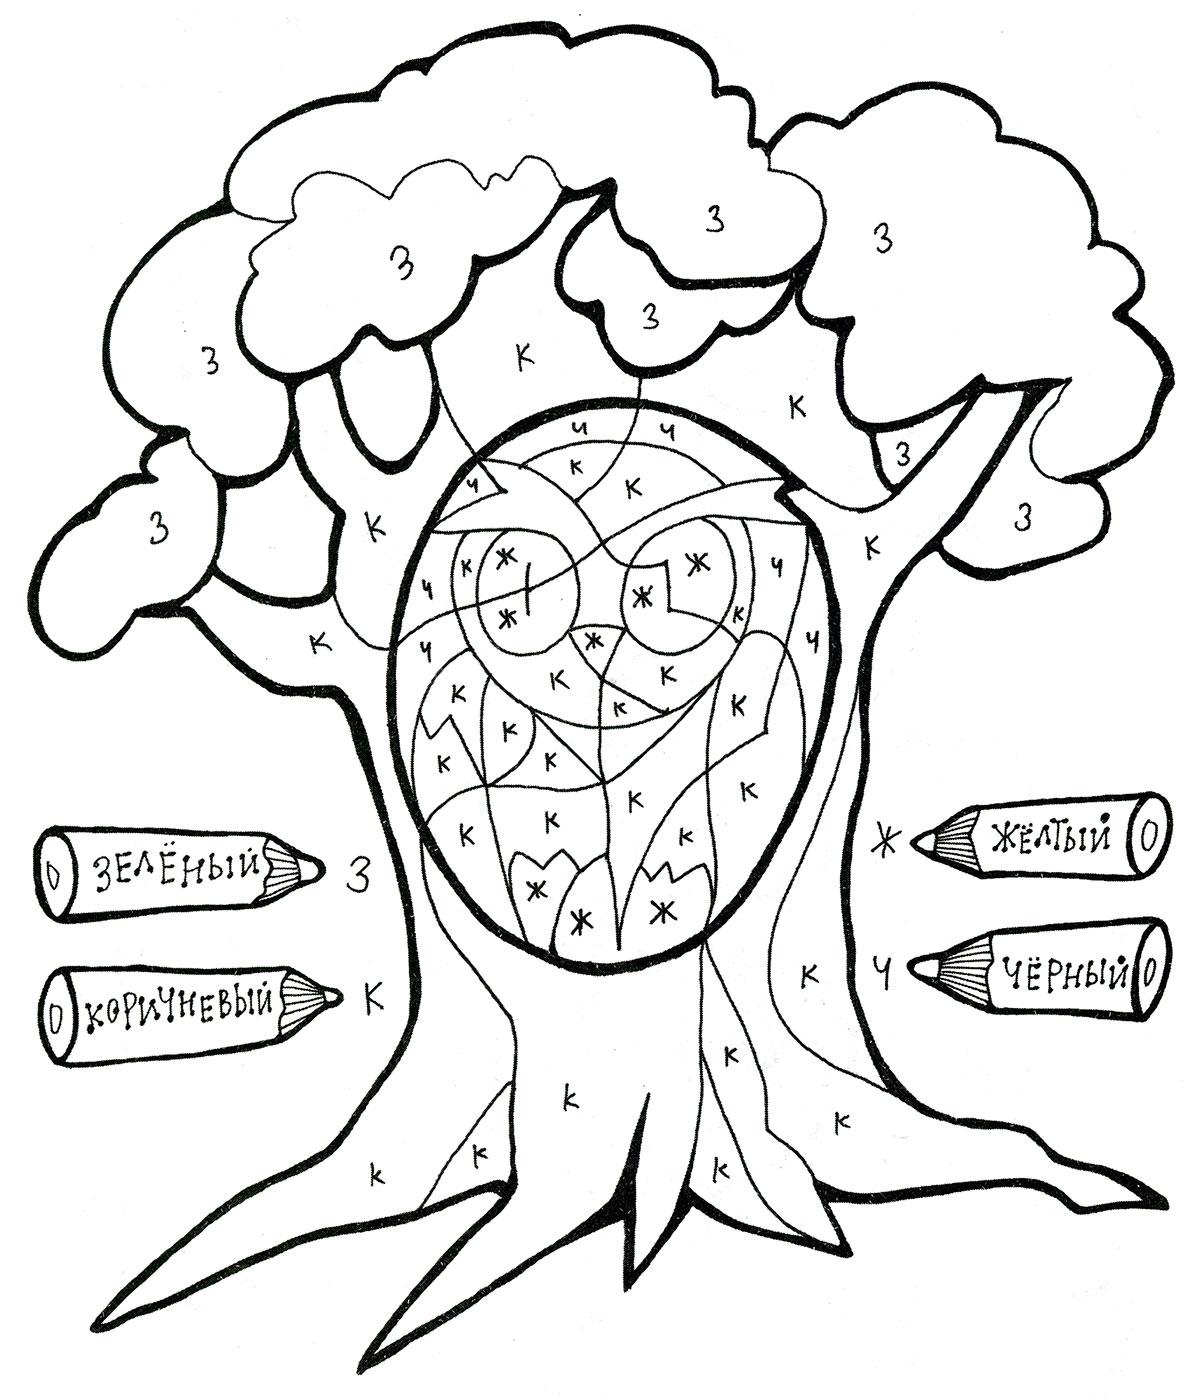 Раскраска с заданием. Сказочное дерево